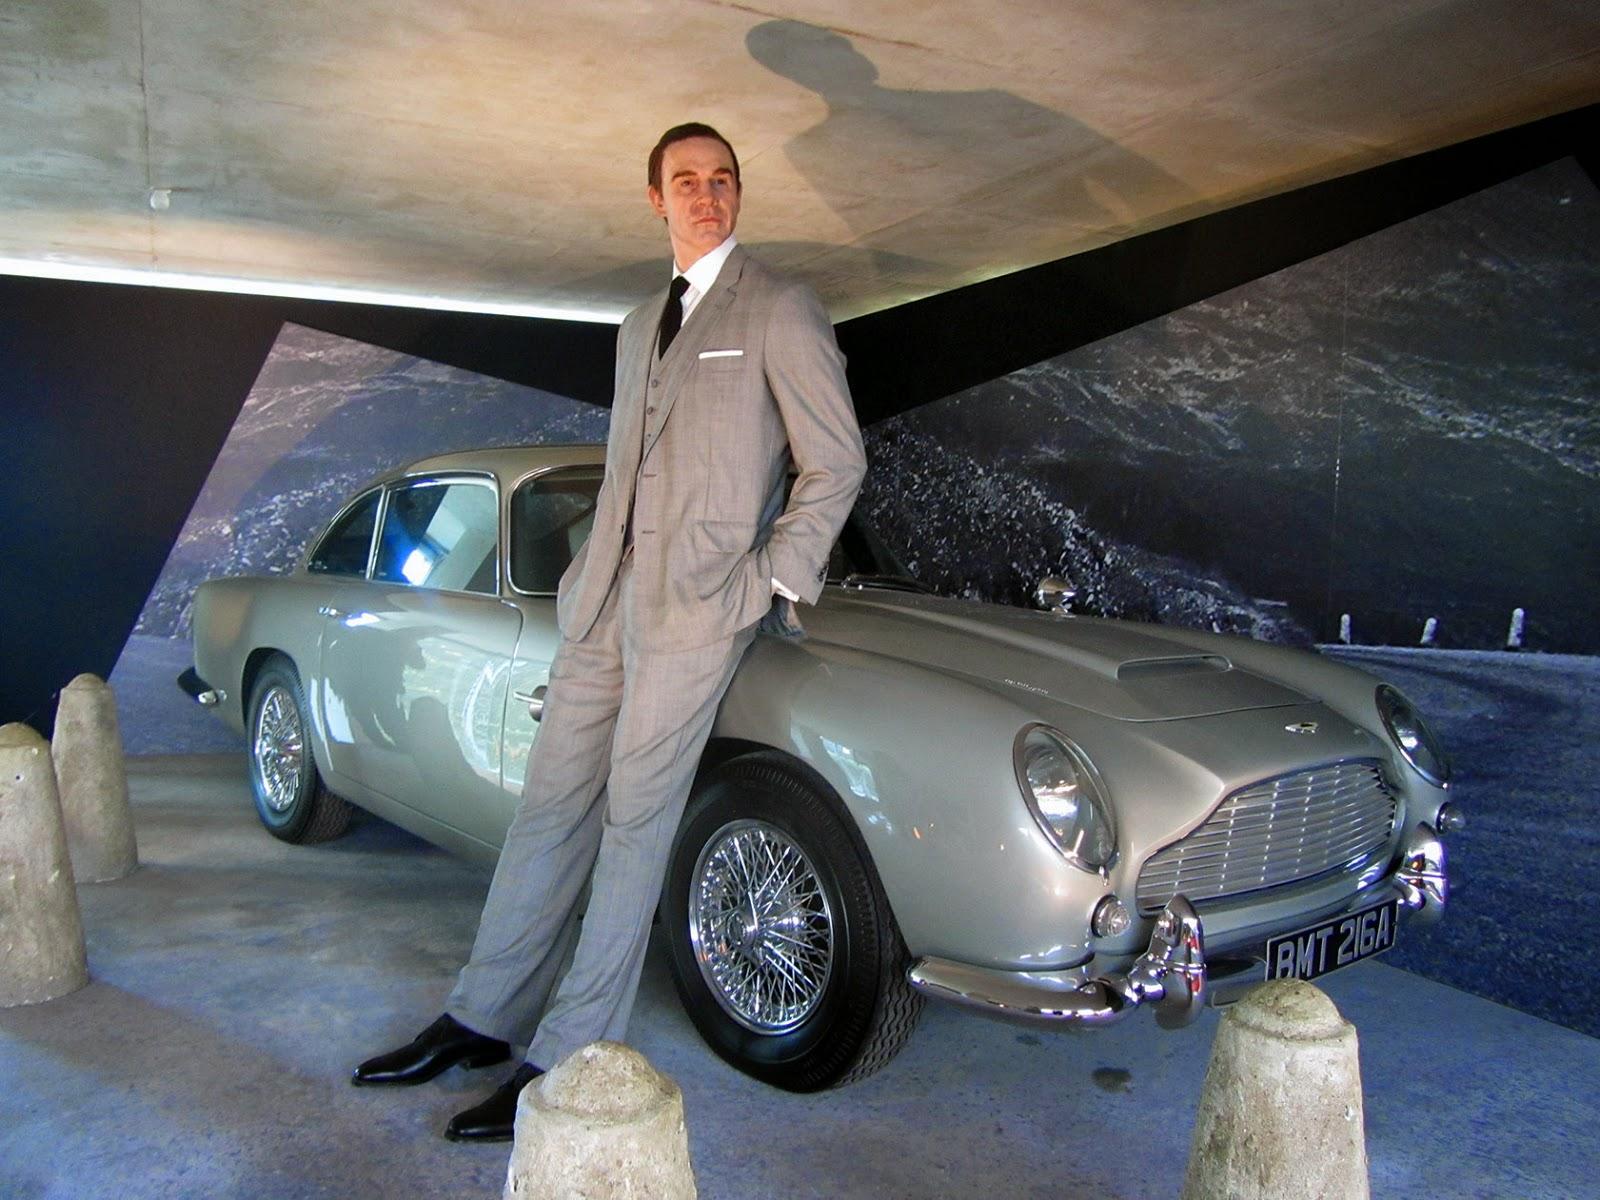 Sean Connery as James Bond with a 1964 silver Aston Martin DB5